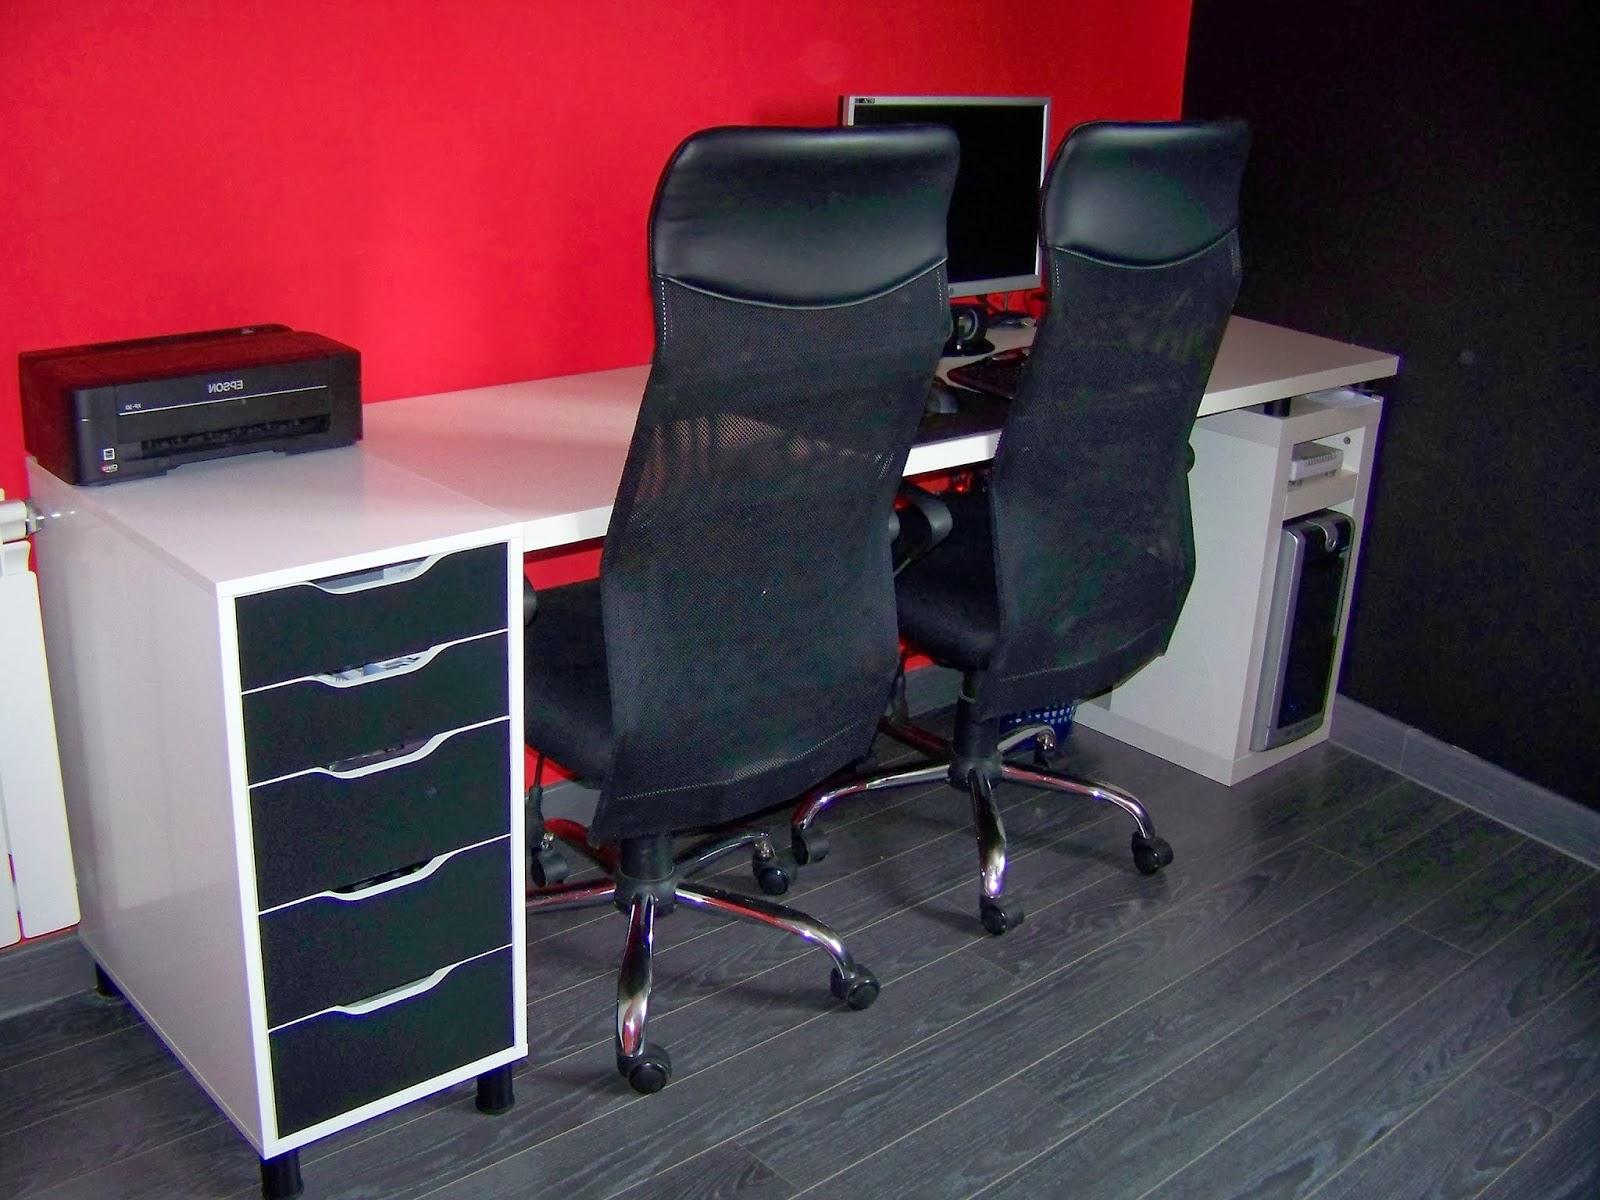 Mesas Despacho Ikea Irdz Una Mesa De Despacho Muy Bien Aprovechada Mi Llave Allen